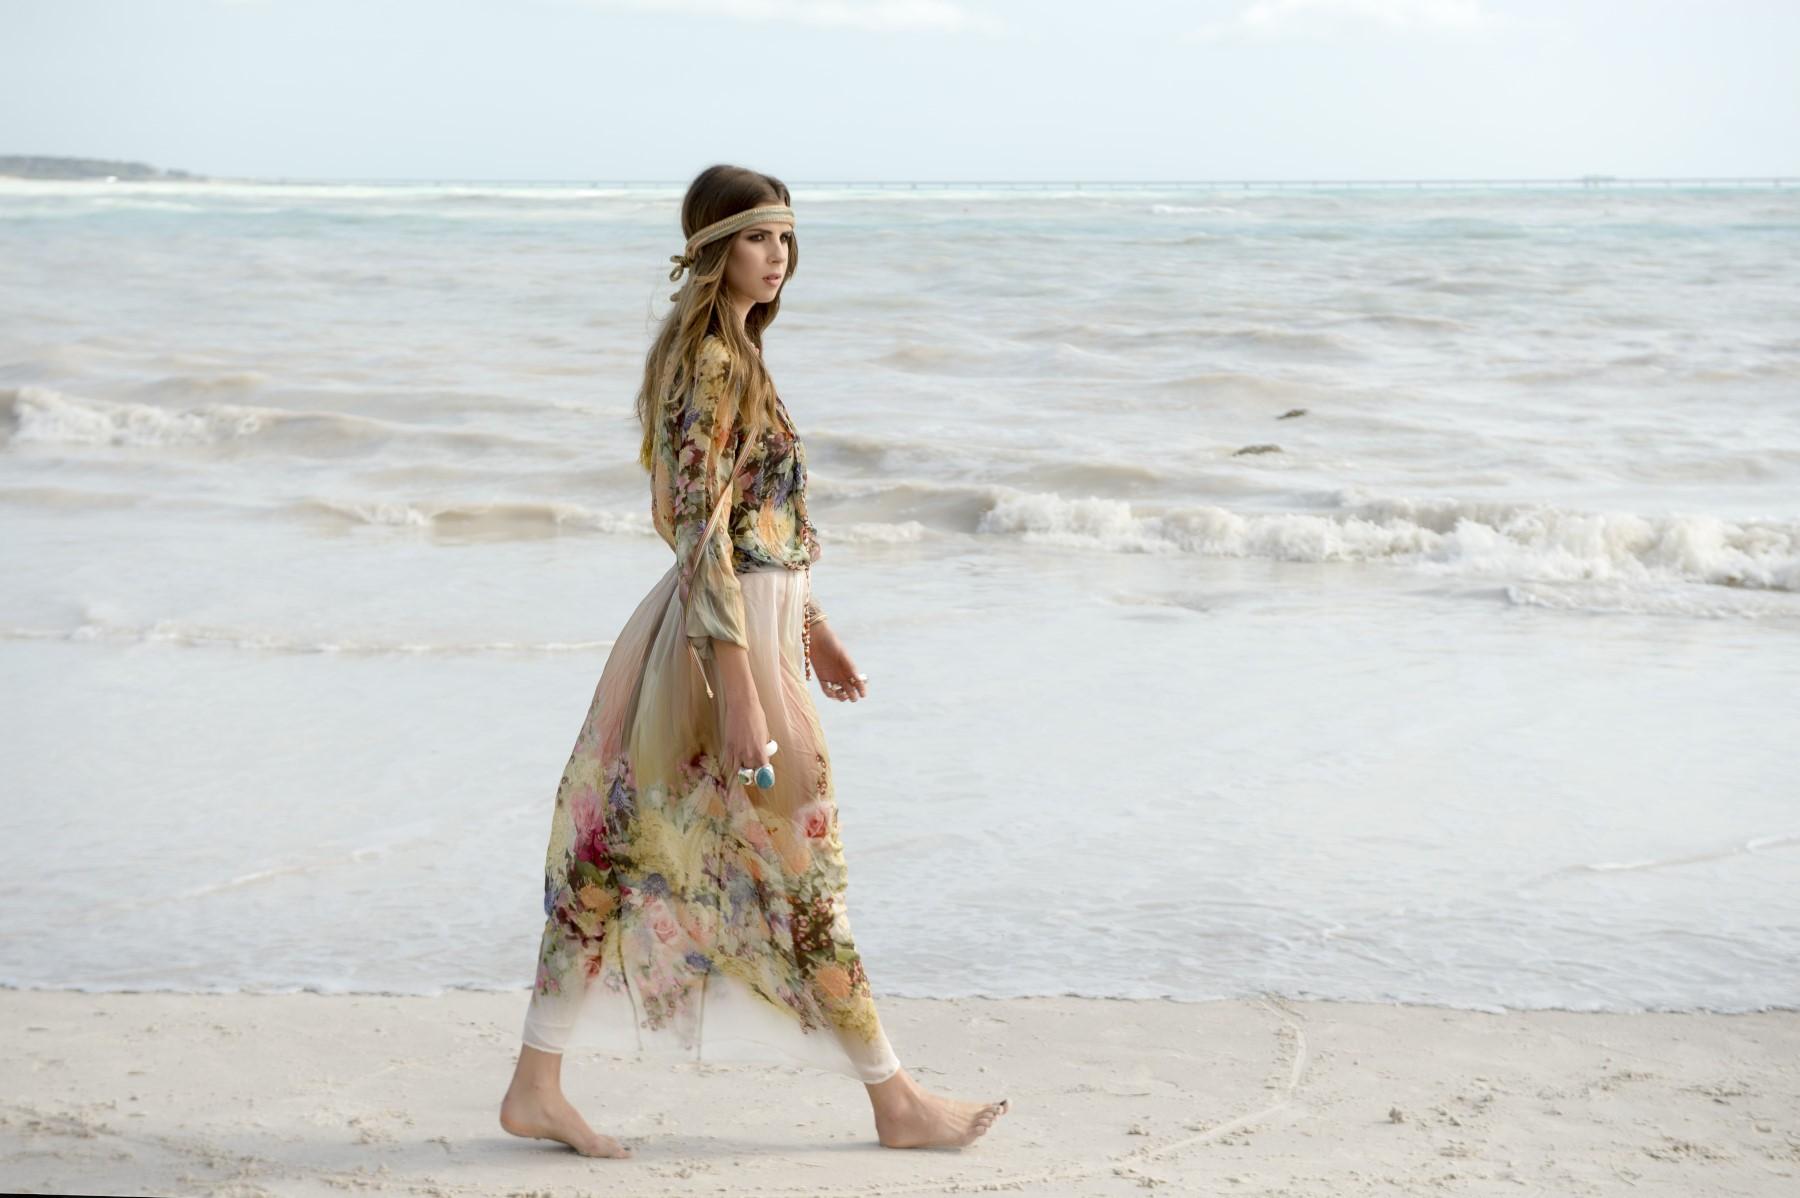 ROP70_078_editoriale Fashion/Adv